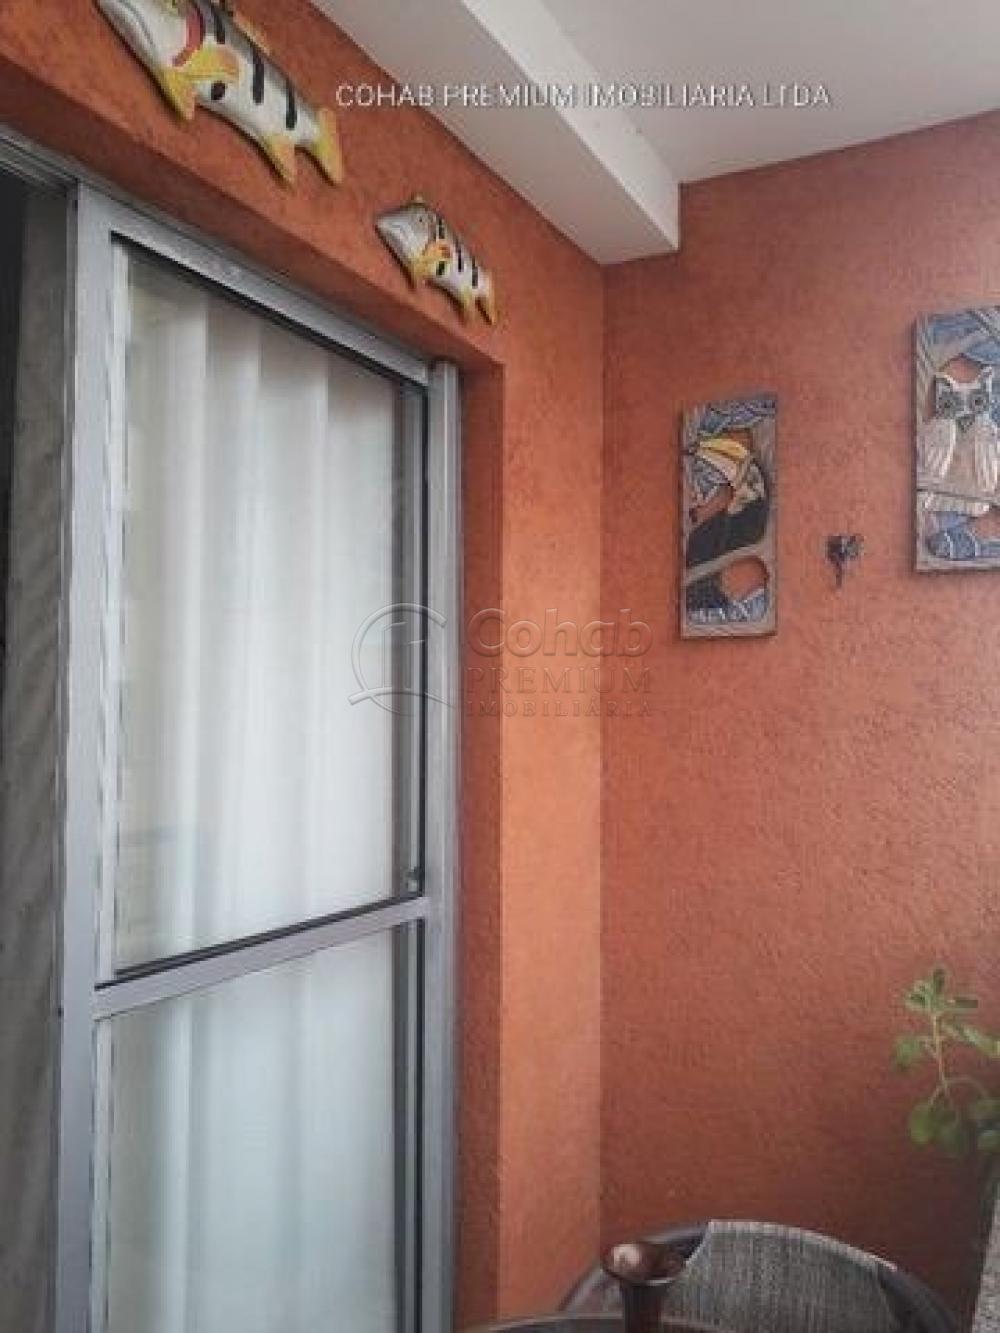 Comprar Apartamento / Padrão em Aracaju apenas R$ 170.000,00 - Foto 7